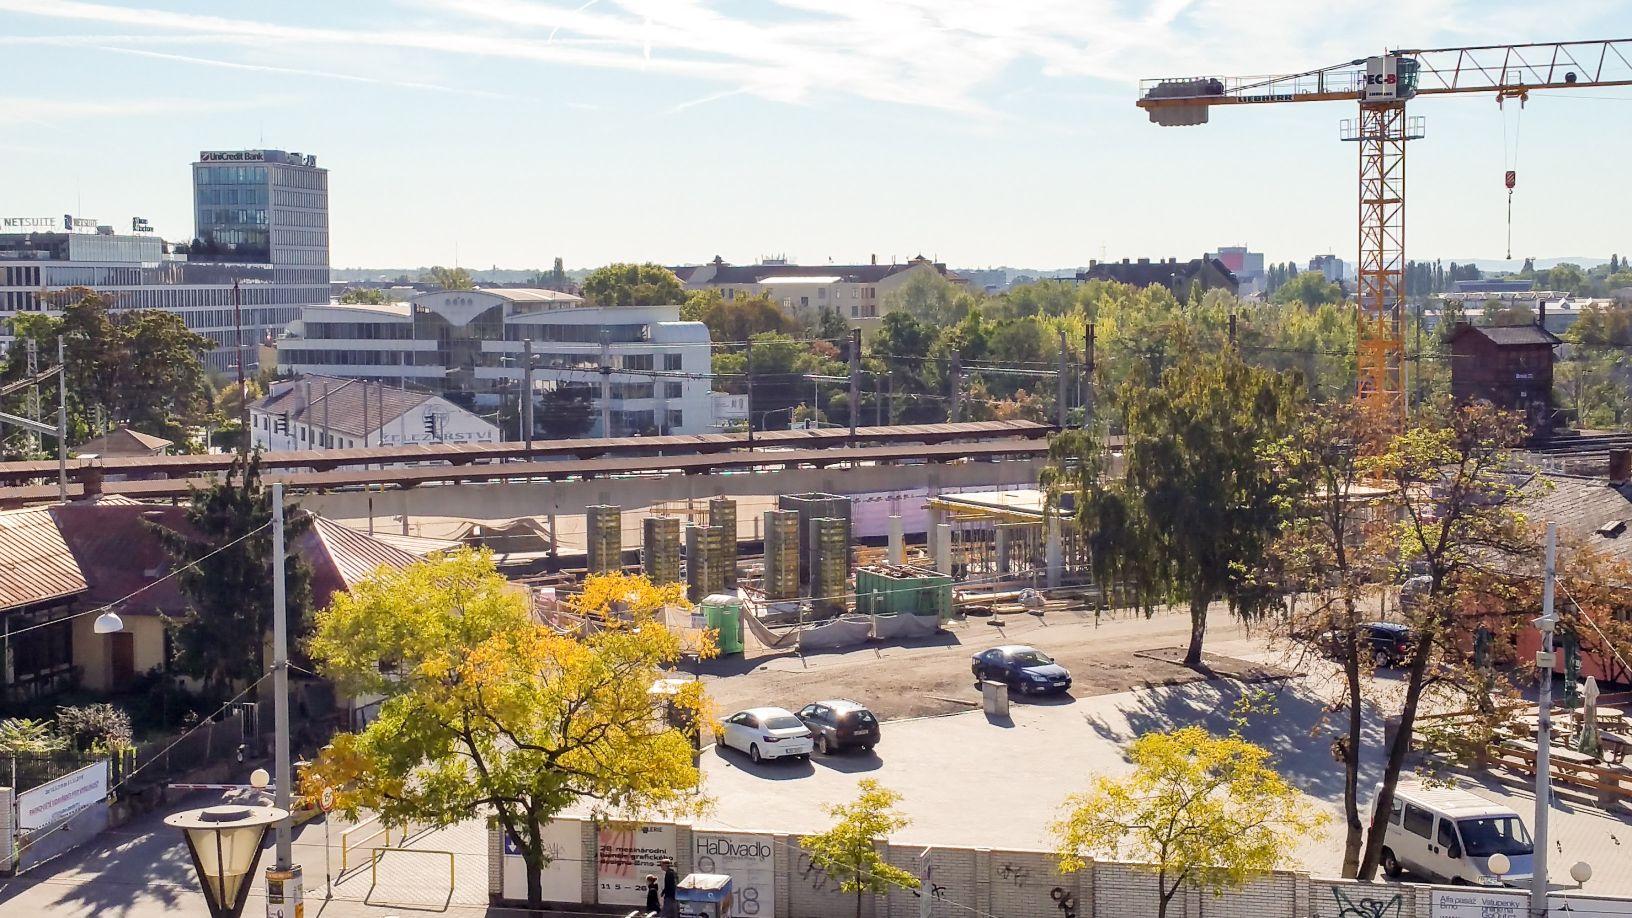 Září 2018, stavba domu zabezpečení železničního provozu přes brněnský uzel.